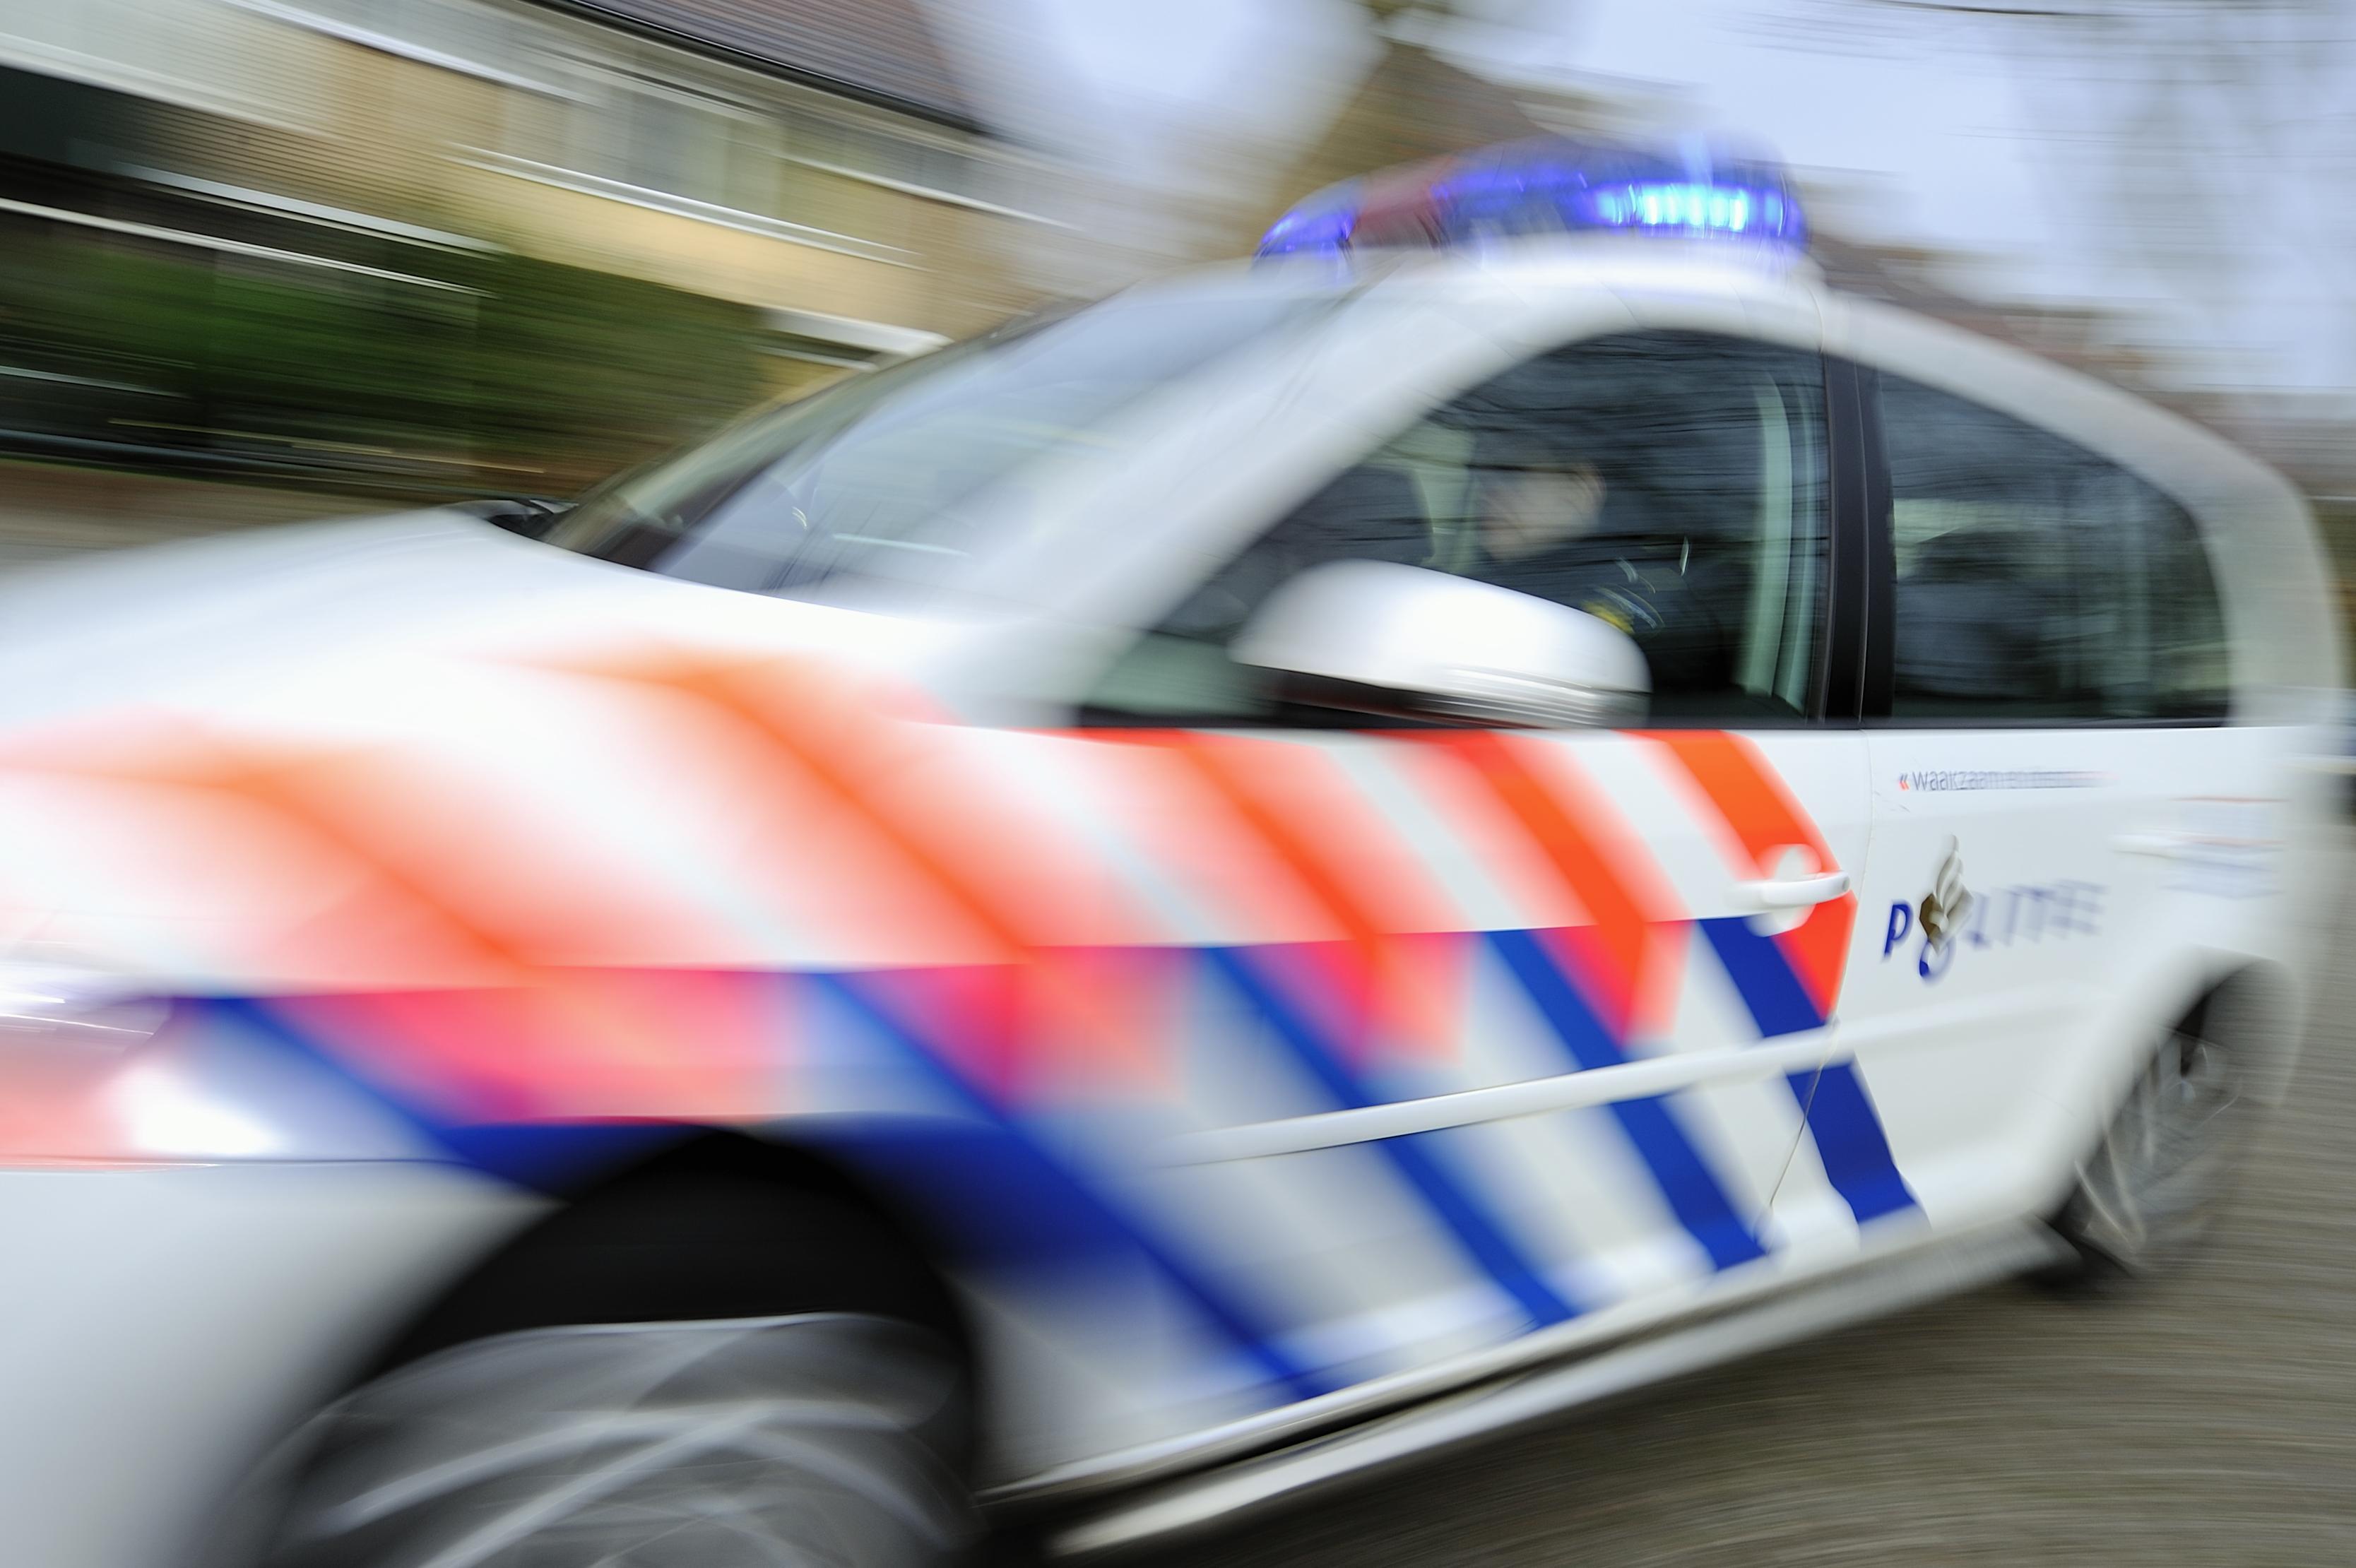 Politie ontdekt crystal meth ter waarde van 1 miljoen in Wormer, zes personen aangehouden